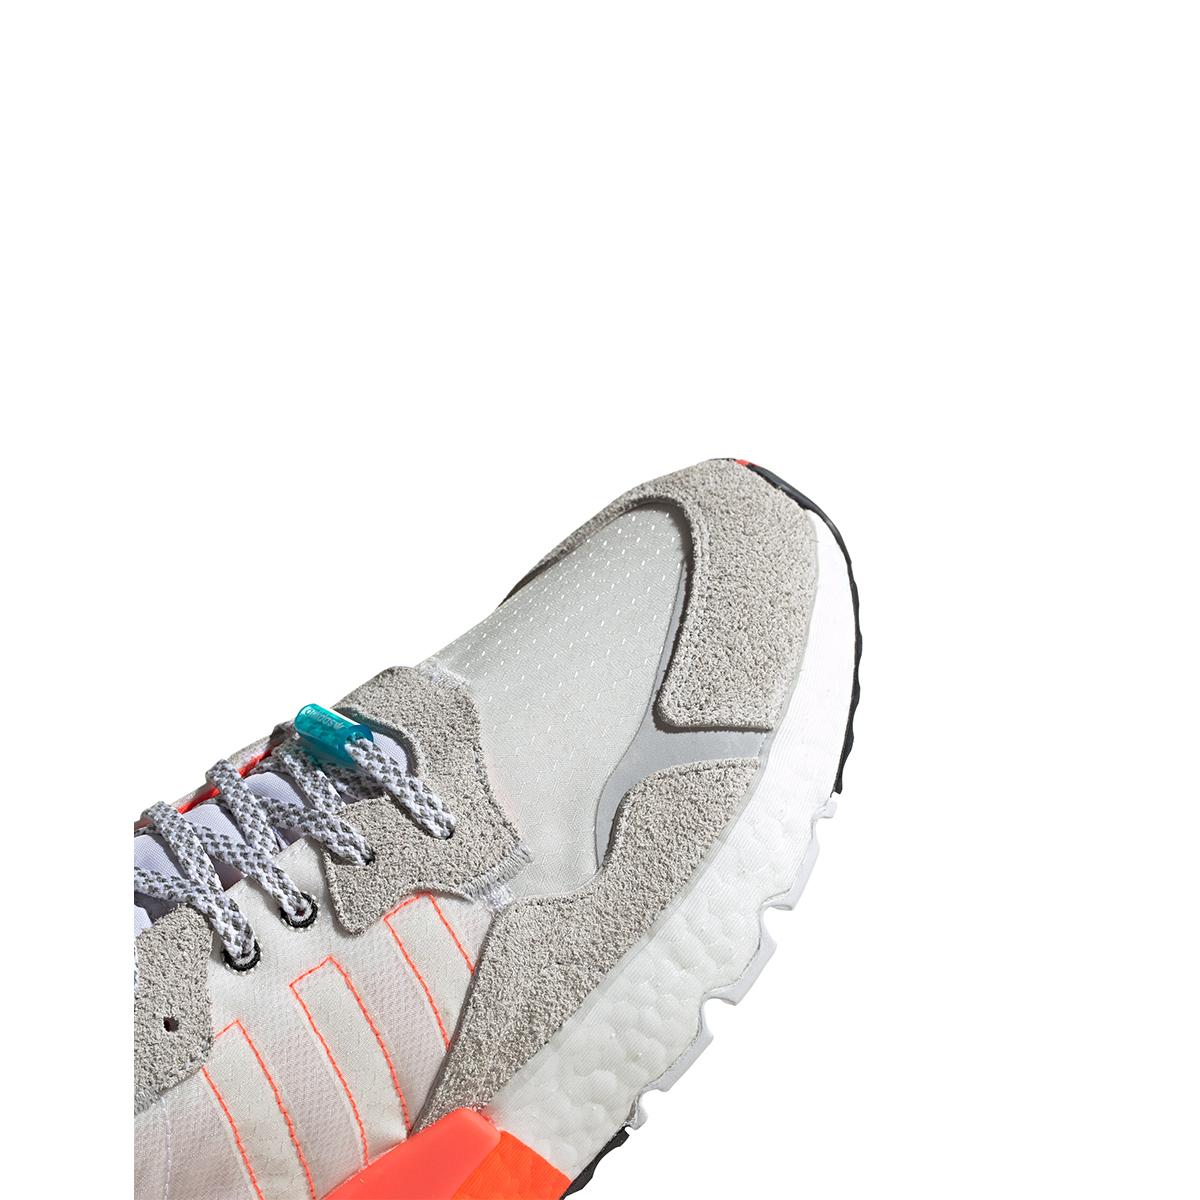 adidas Nite Jogger Aqua Energy